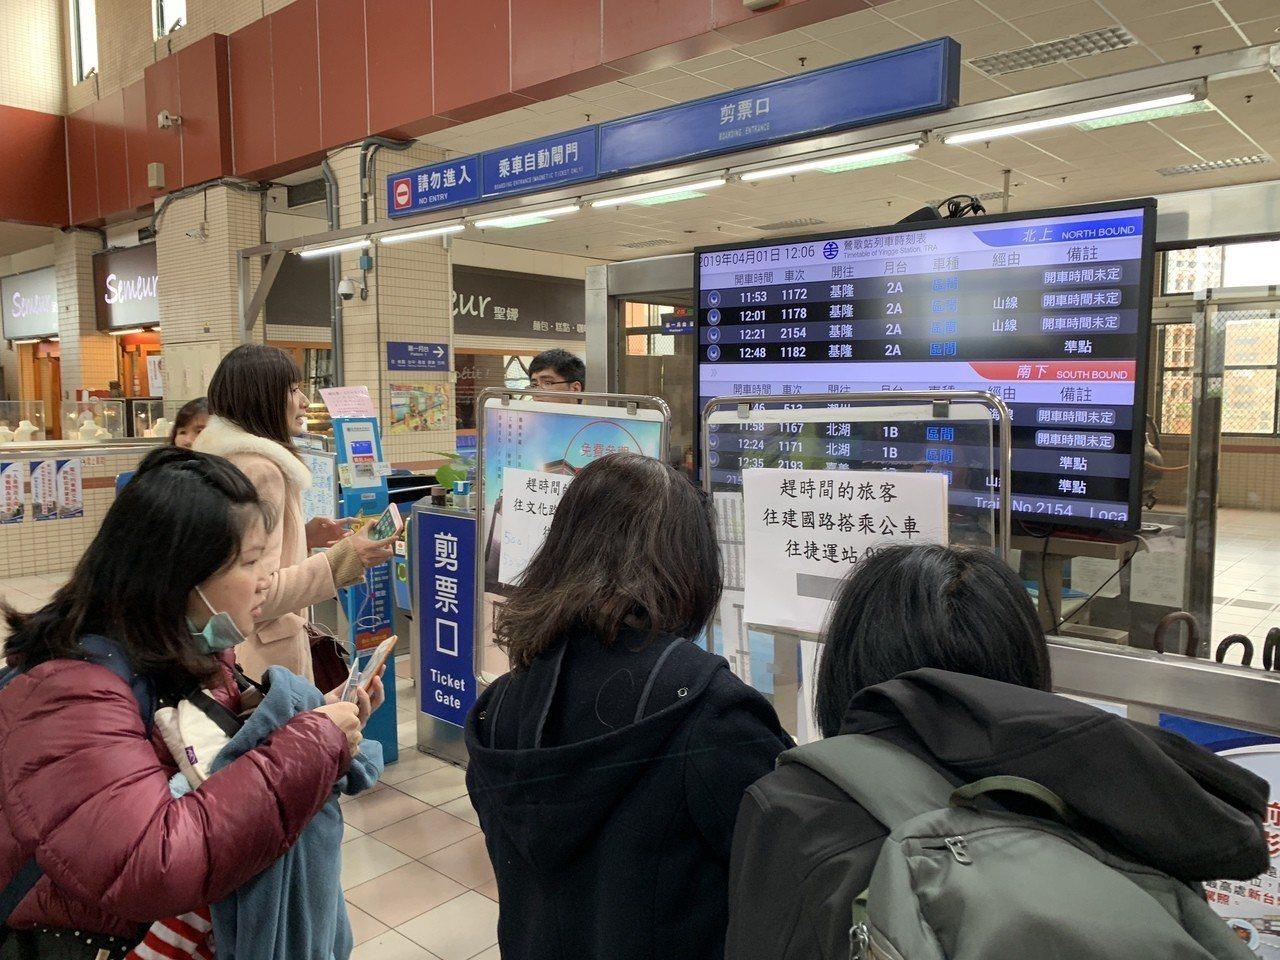 台鐵人員搬出告示牌,要趕時間的乘客改搭其他交通工具。記者張曼蘋/攝影